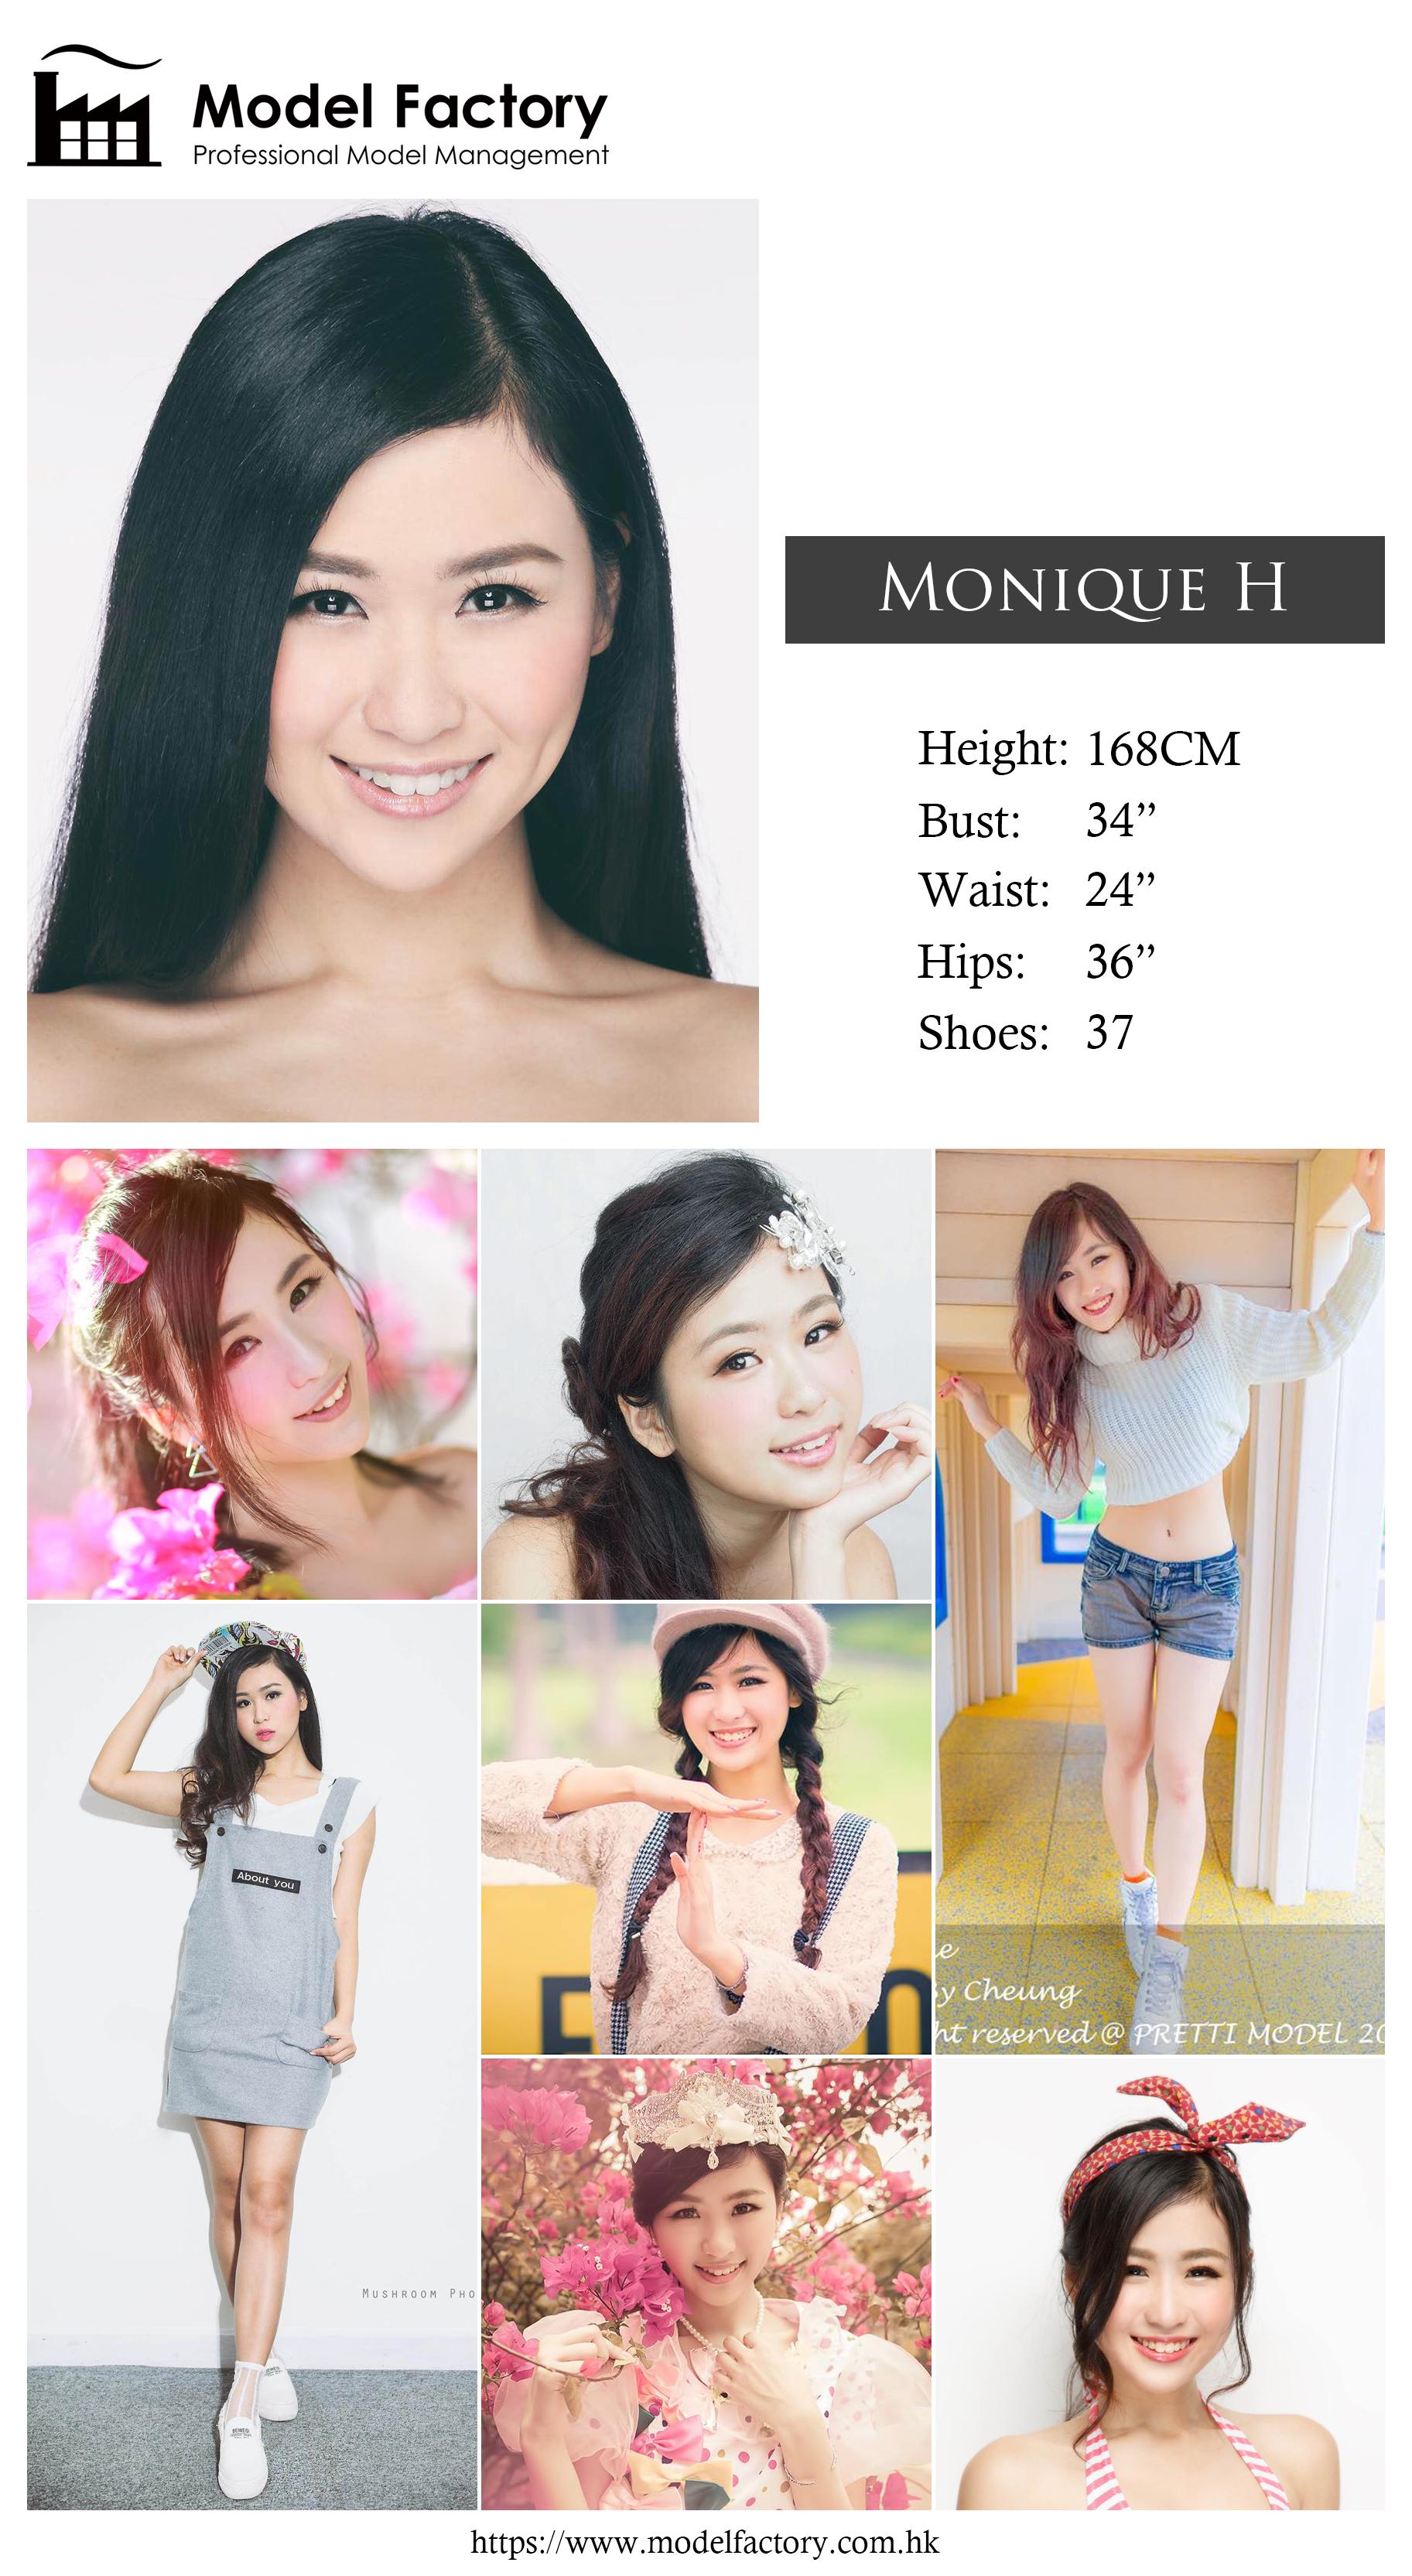 Model Factory Hong Kong Female Model MoniqueH